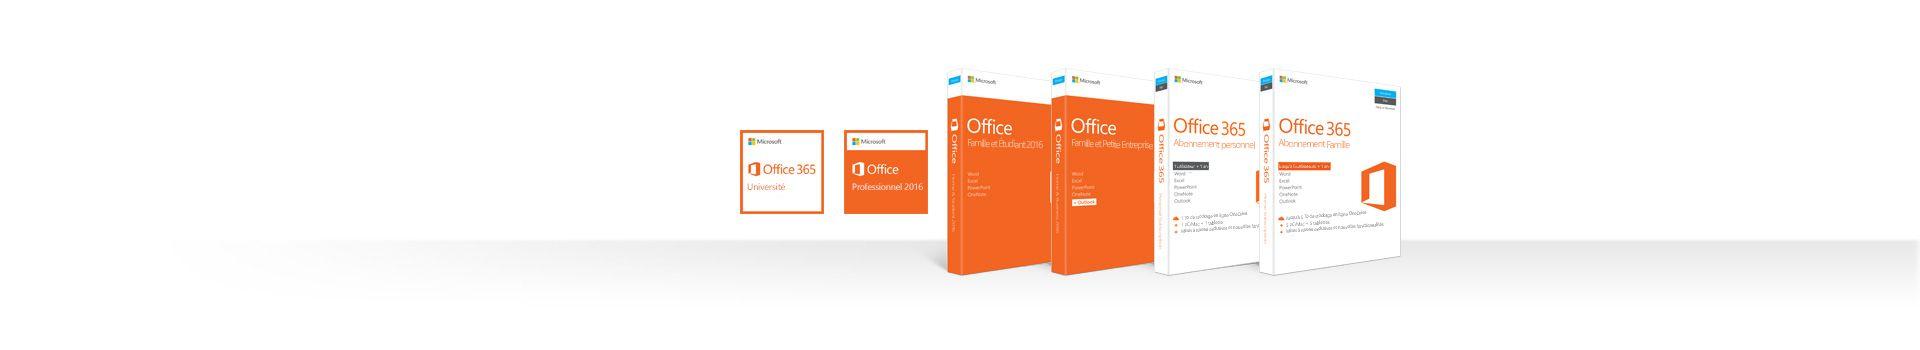 Rangée de produits Office 2016 et Office 365 pour PC